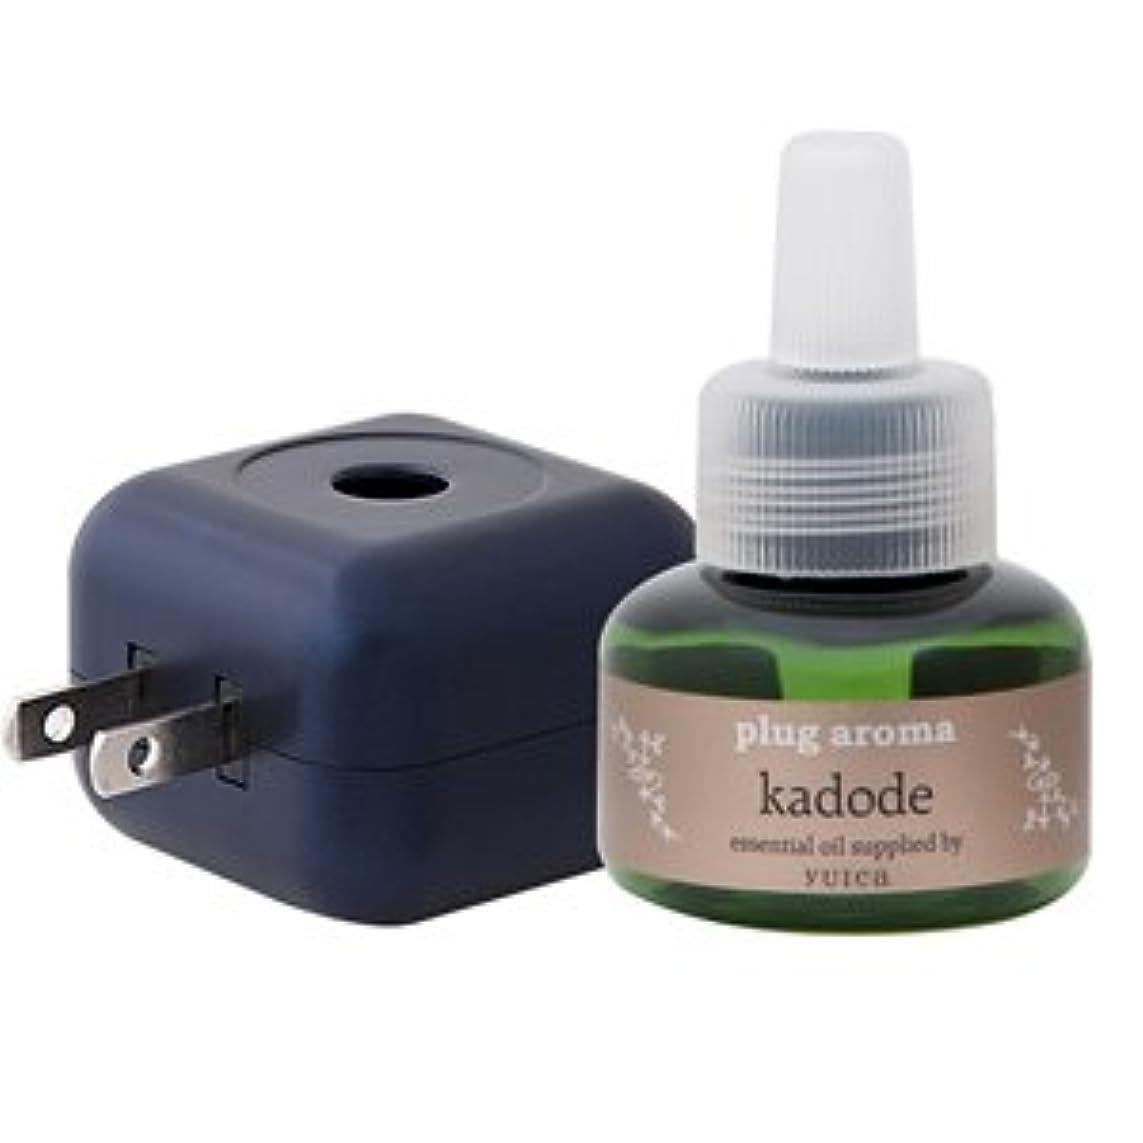 素晴らしき消費者アフリカ人plug aroma kadode 門出 SET 25ml